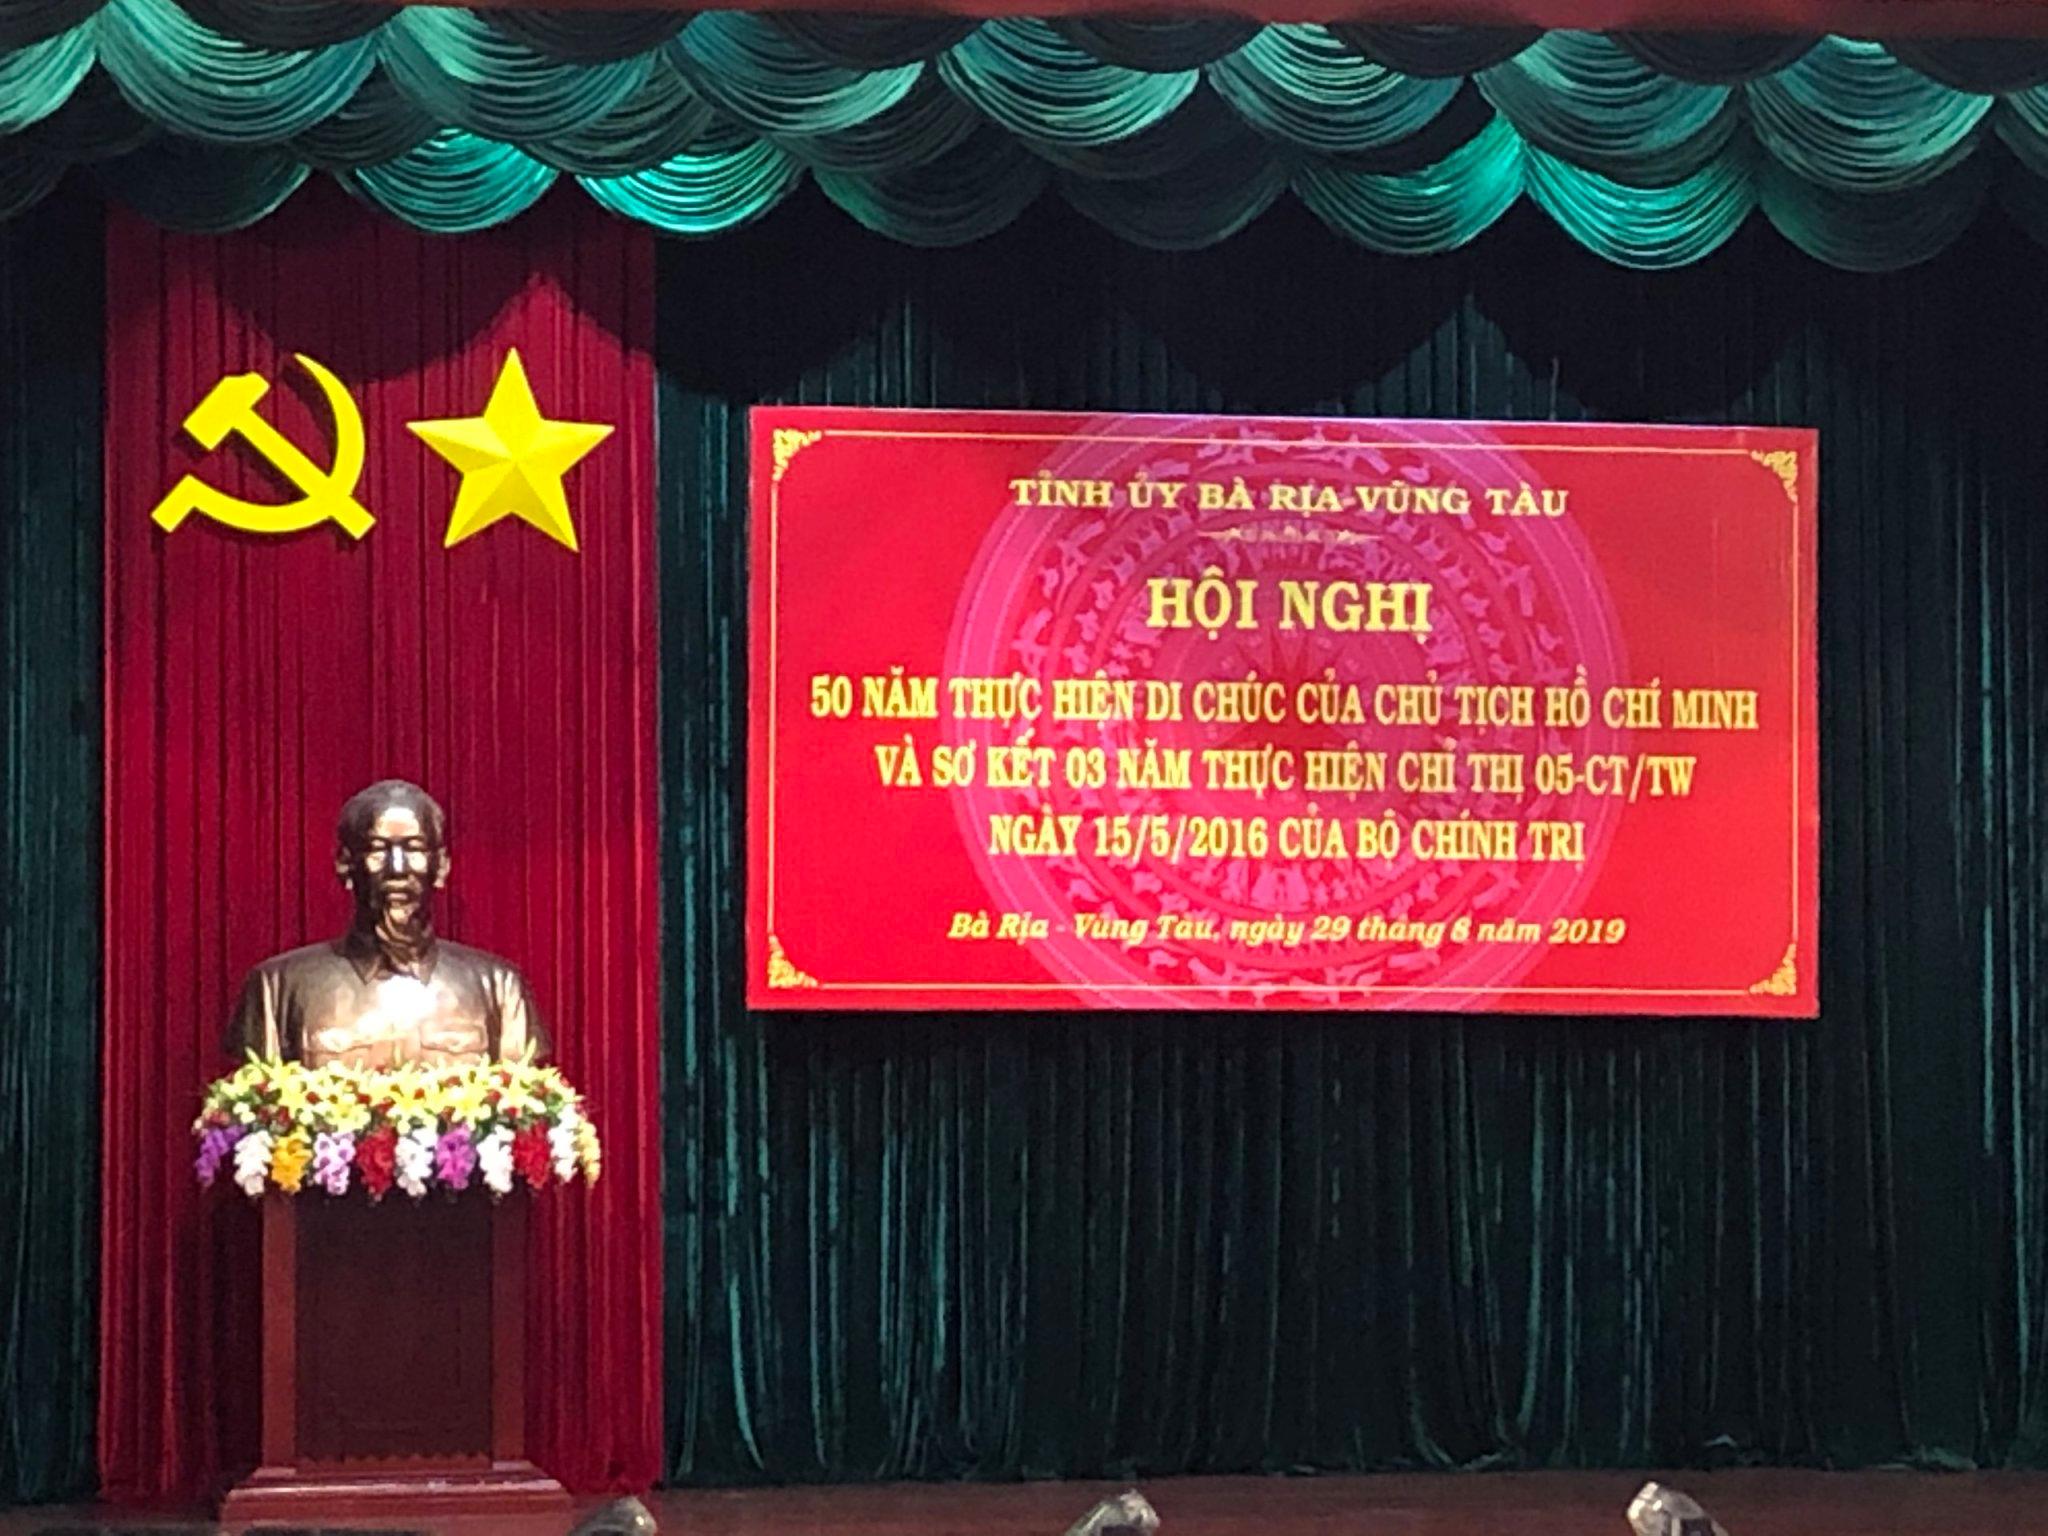 Chi Đoàn Quỹ Đầu tư phát triển Bà Rịa – Vũng Tàu tham dự Hội nghị 50 năm thực hiện Di chúc của Chủ tịch Hồ Chí Minh và sơ kết 03 năm thực hiện Chỉ thị 05-CT/TW ngày 15/5/2016 của Bộ Chính trị.